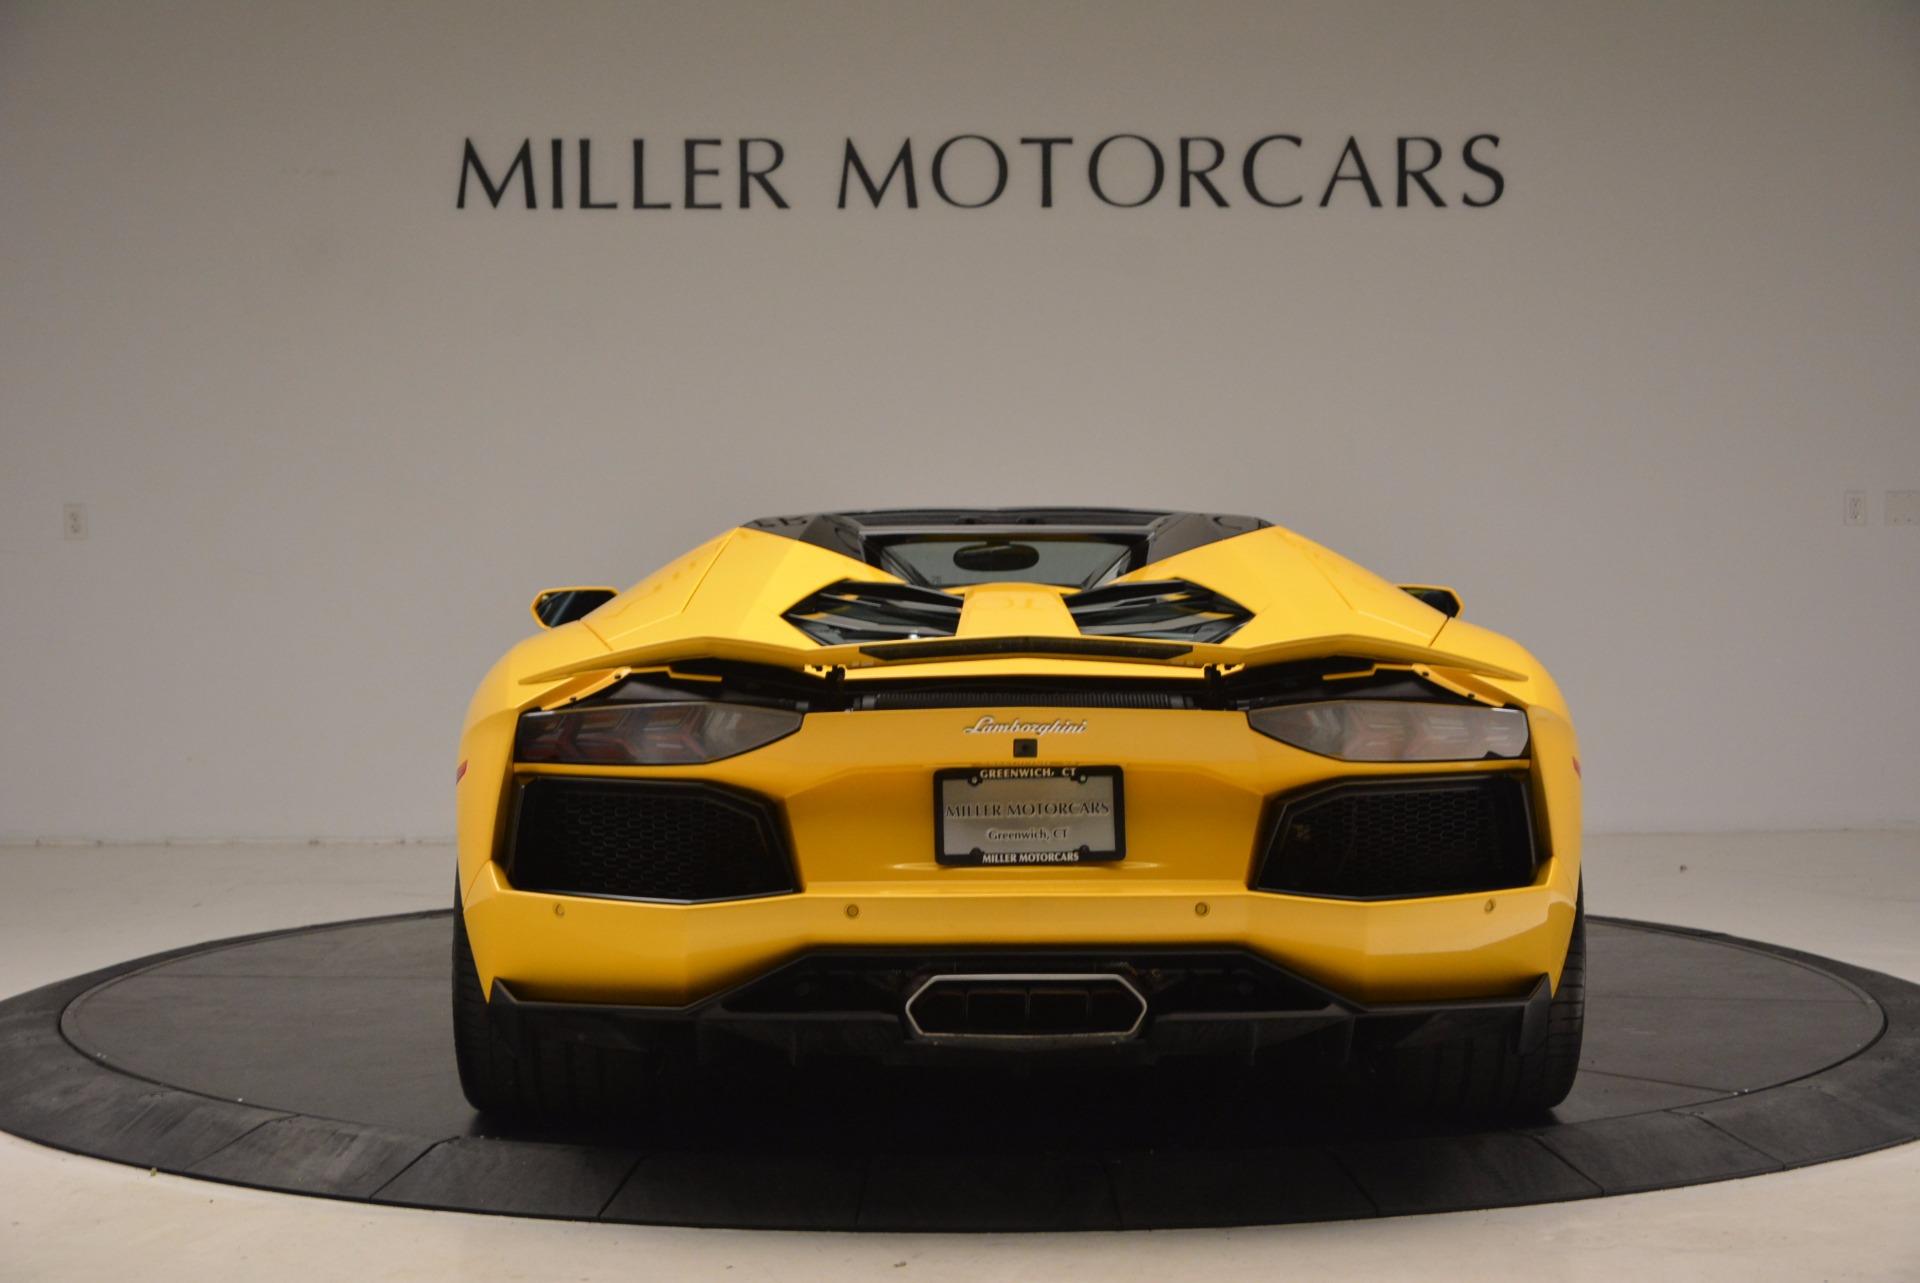 Used 2015 Lamborghini Aventador LP 700-4 Roadster For Sale In Greenwich, CT. Alfa Romeo of Greenwich, 7284 1774_p6